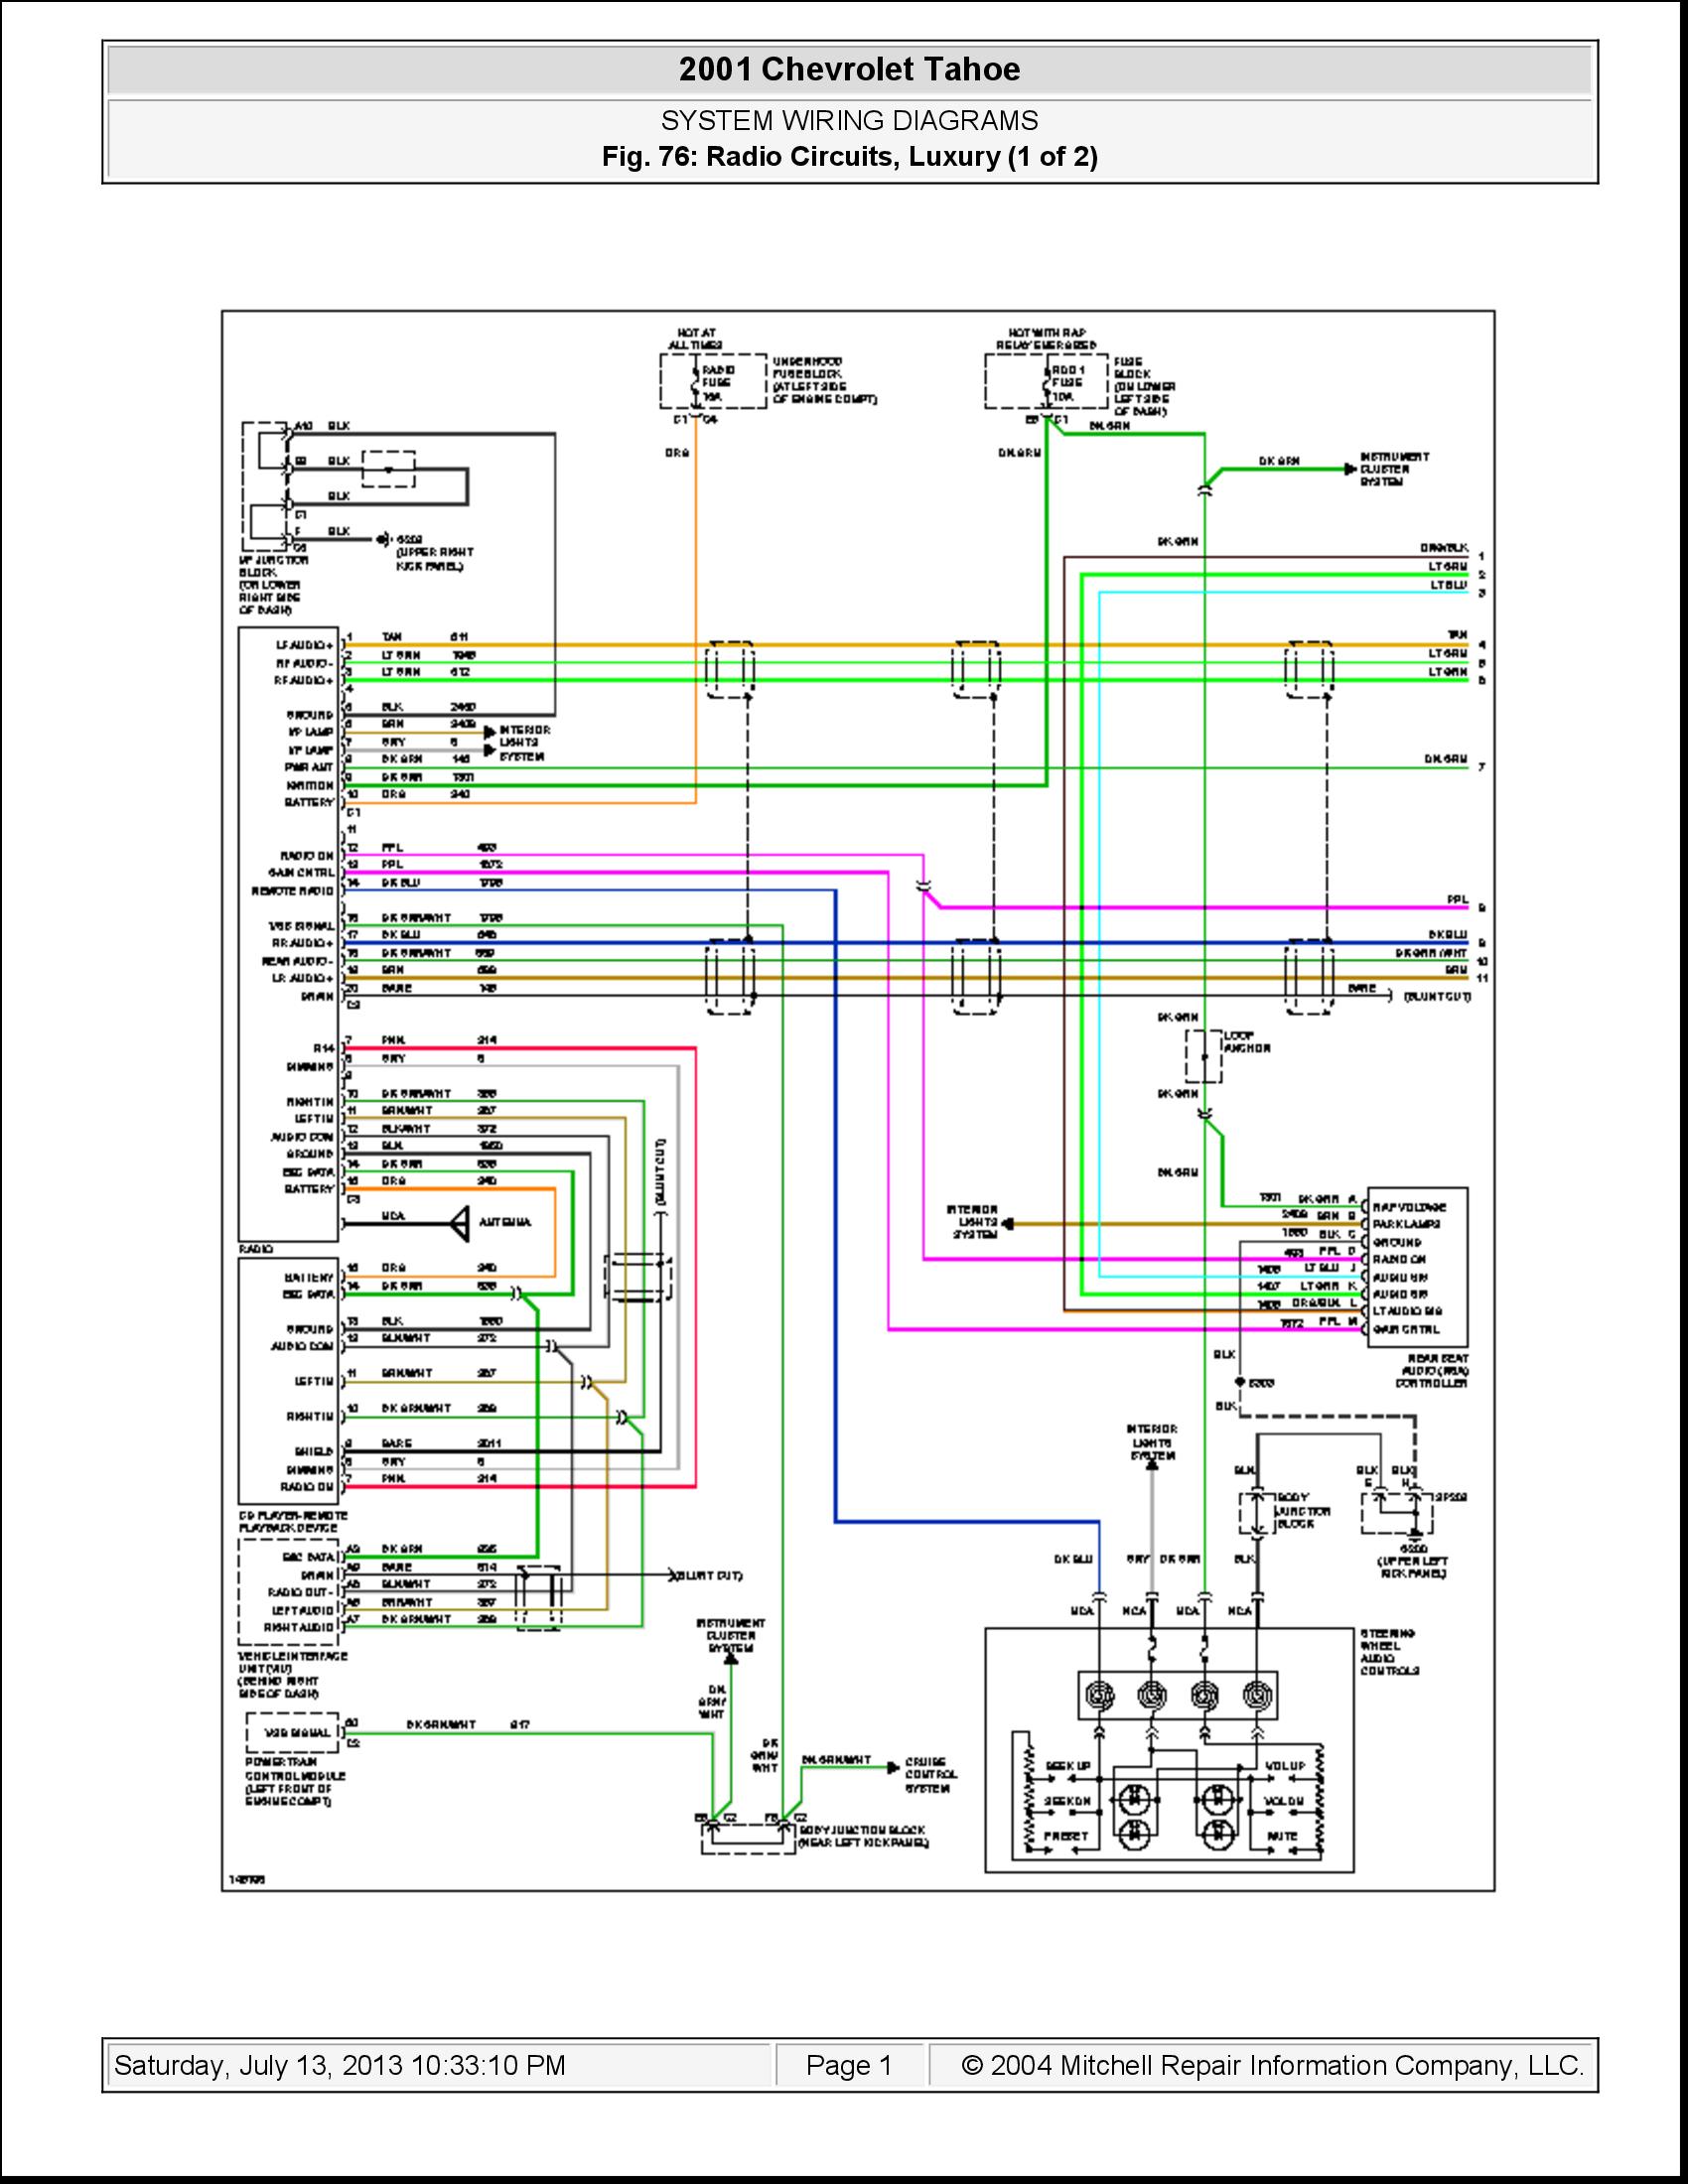 2004 Lexus Es330 Radio Wiring Diagram Wiring Diagram For 2004 Isuzu Rodeo Bege Wiring Diagram